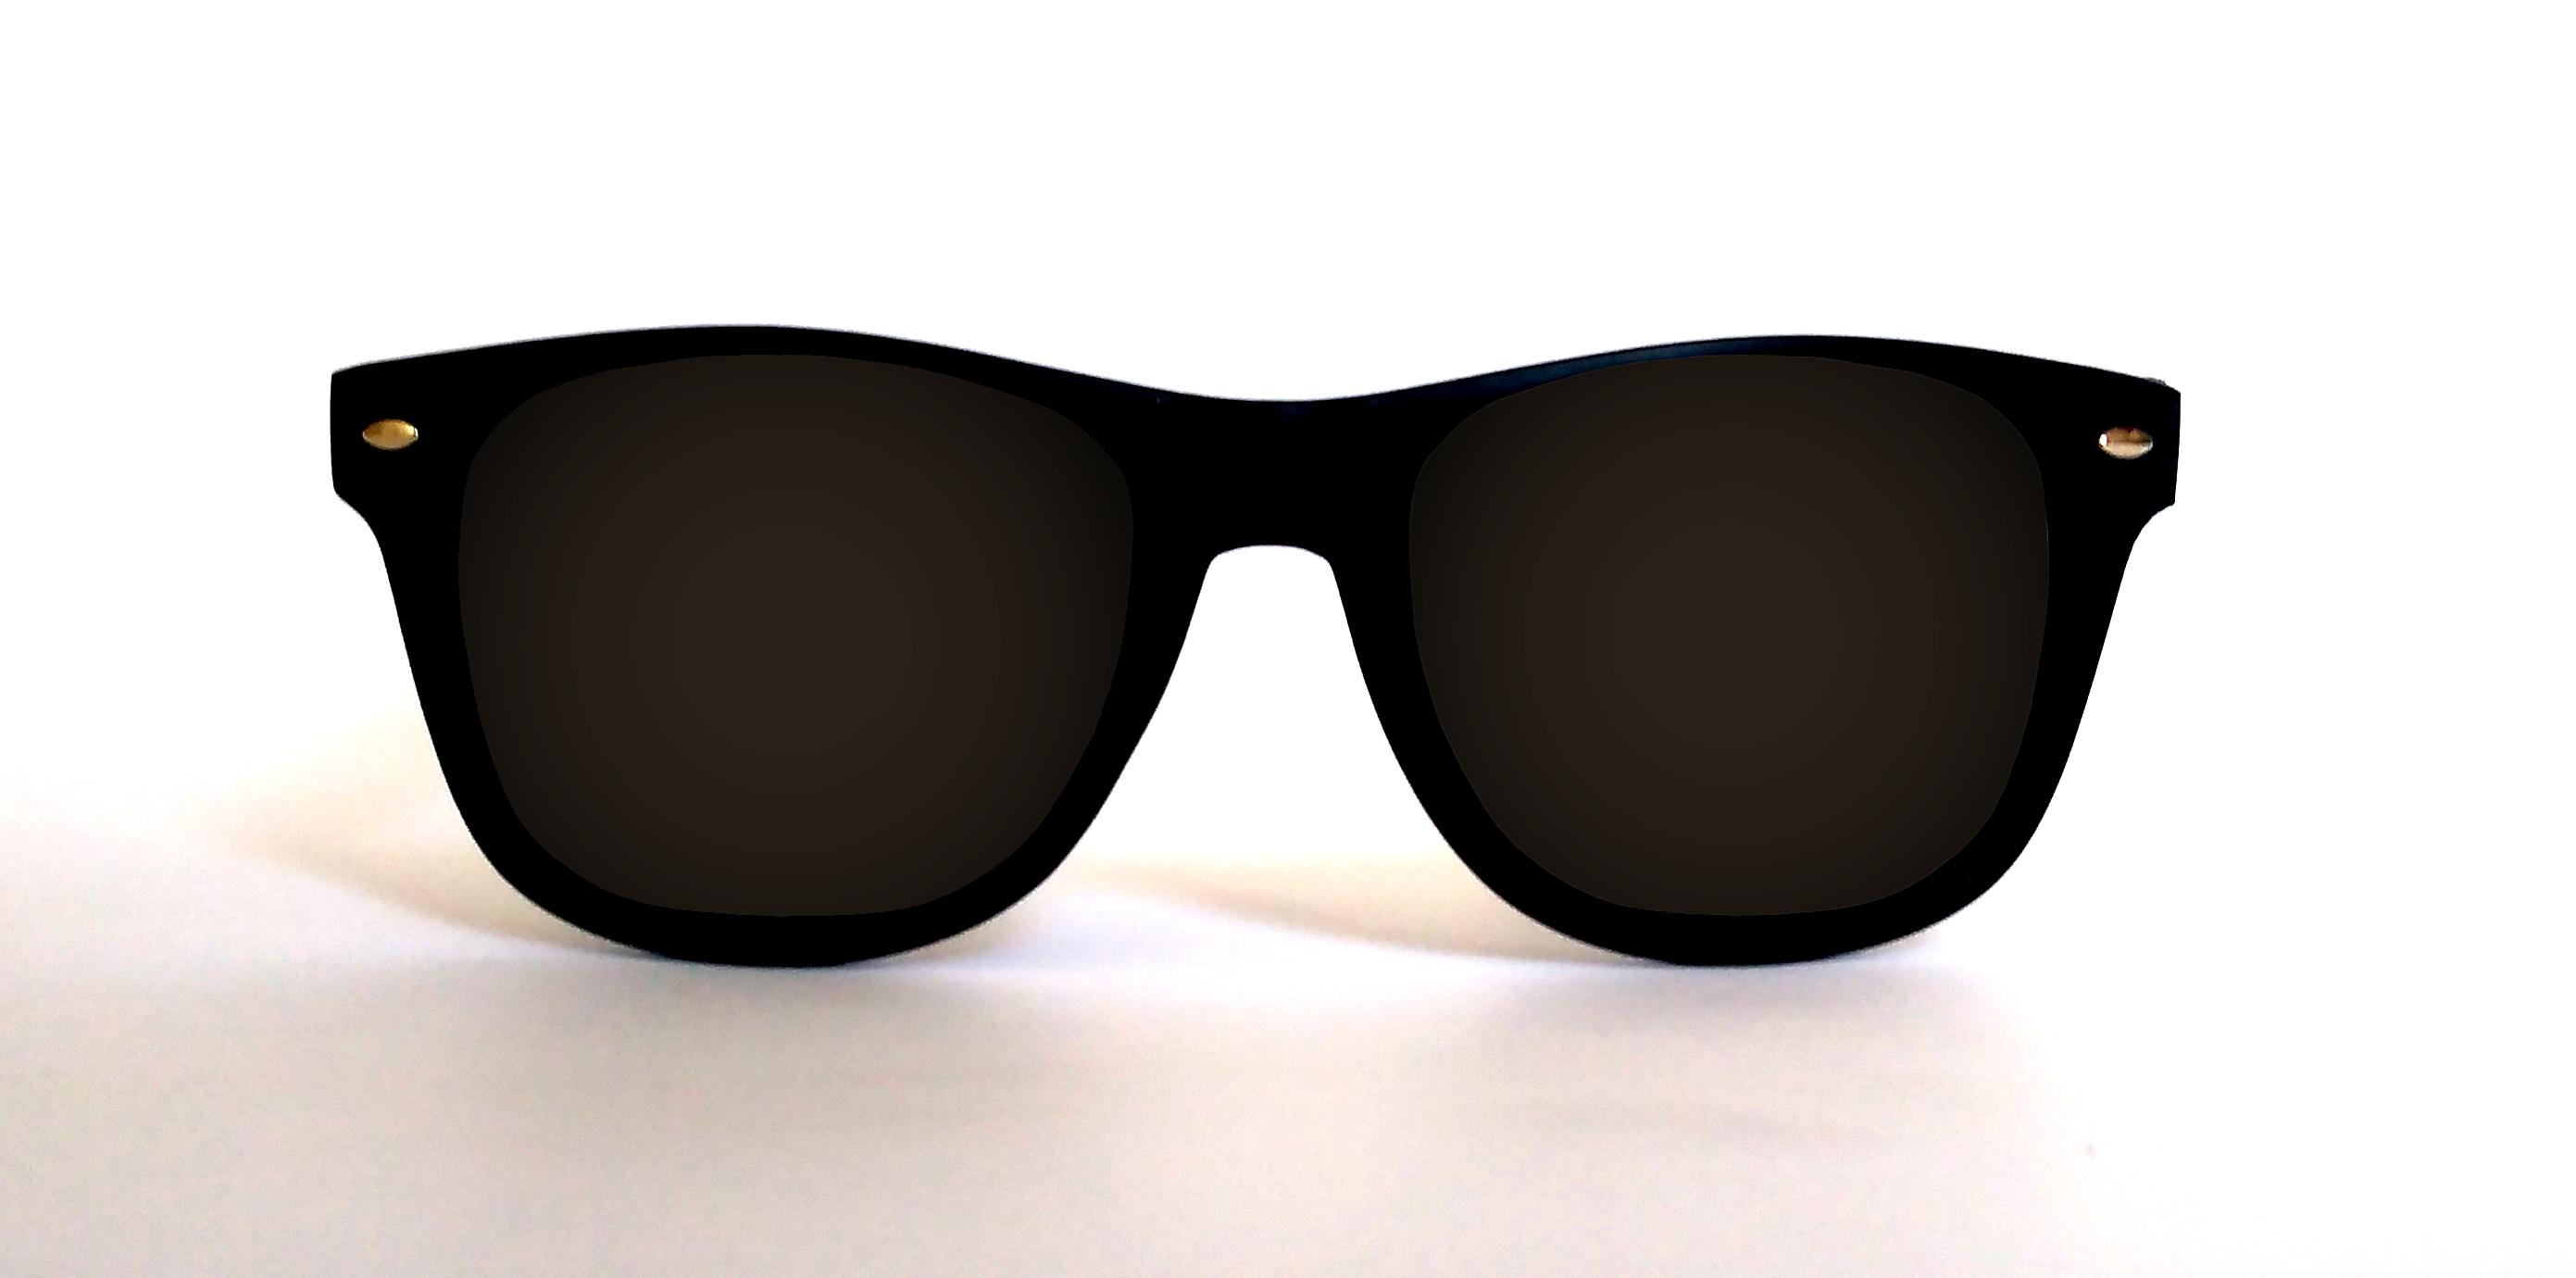 Gafas de sol polarizadas rebajadas 20 code mx20 entra y - Emoticono gafas de sol ...